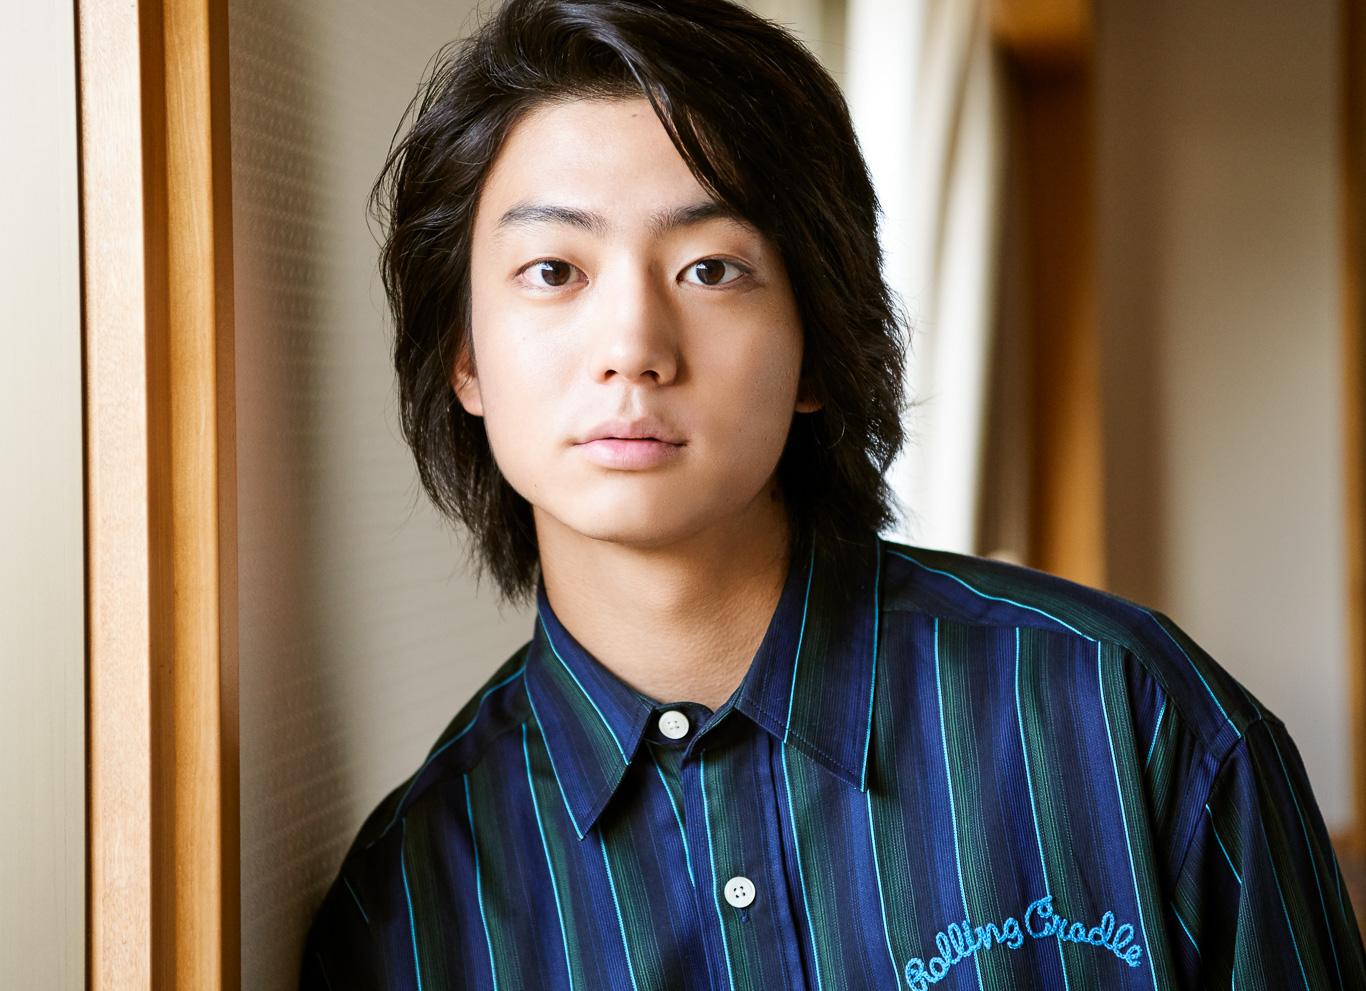 軽い気持ちで受けたオーディションが転機に。俳優・伊藤健太郎が今日に至るまで